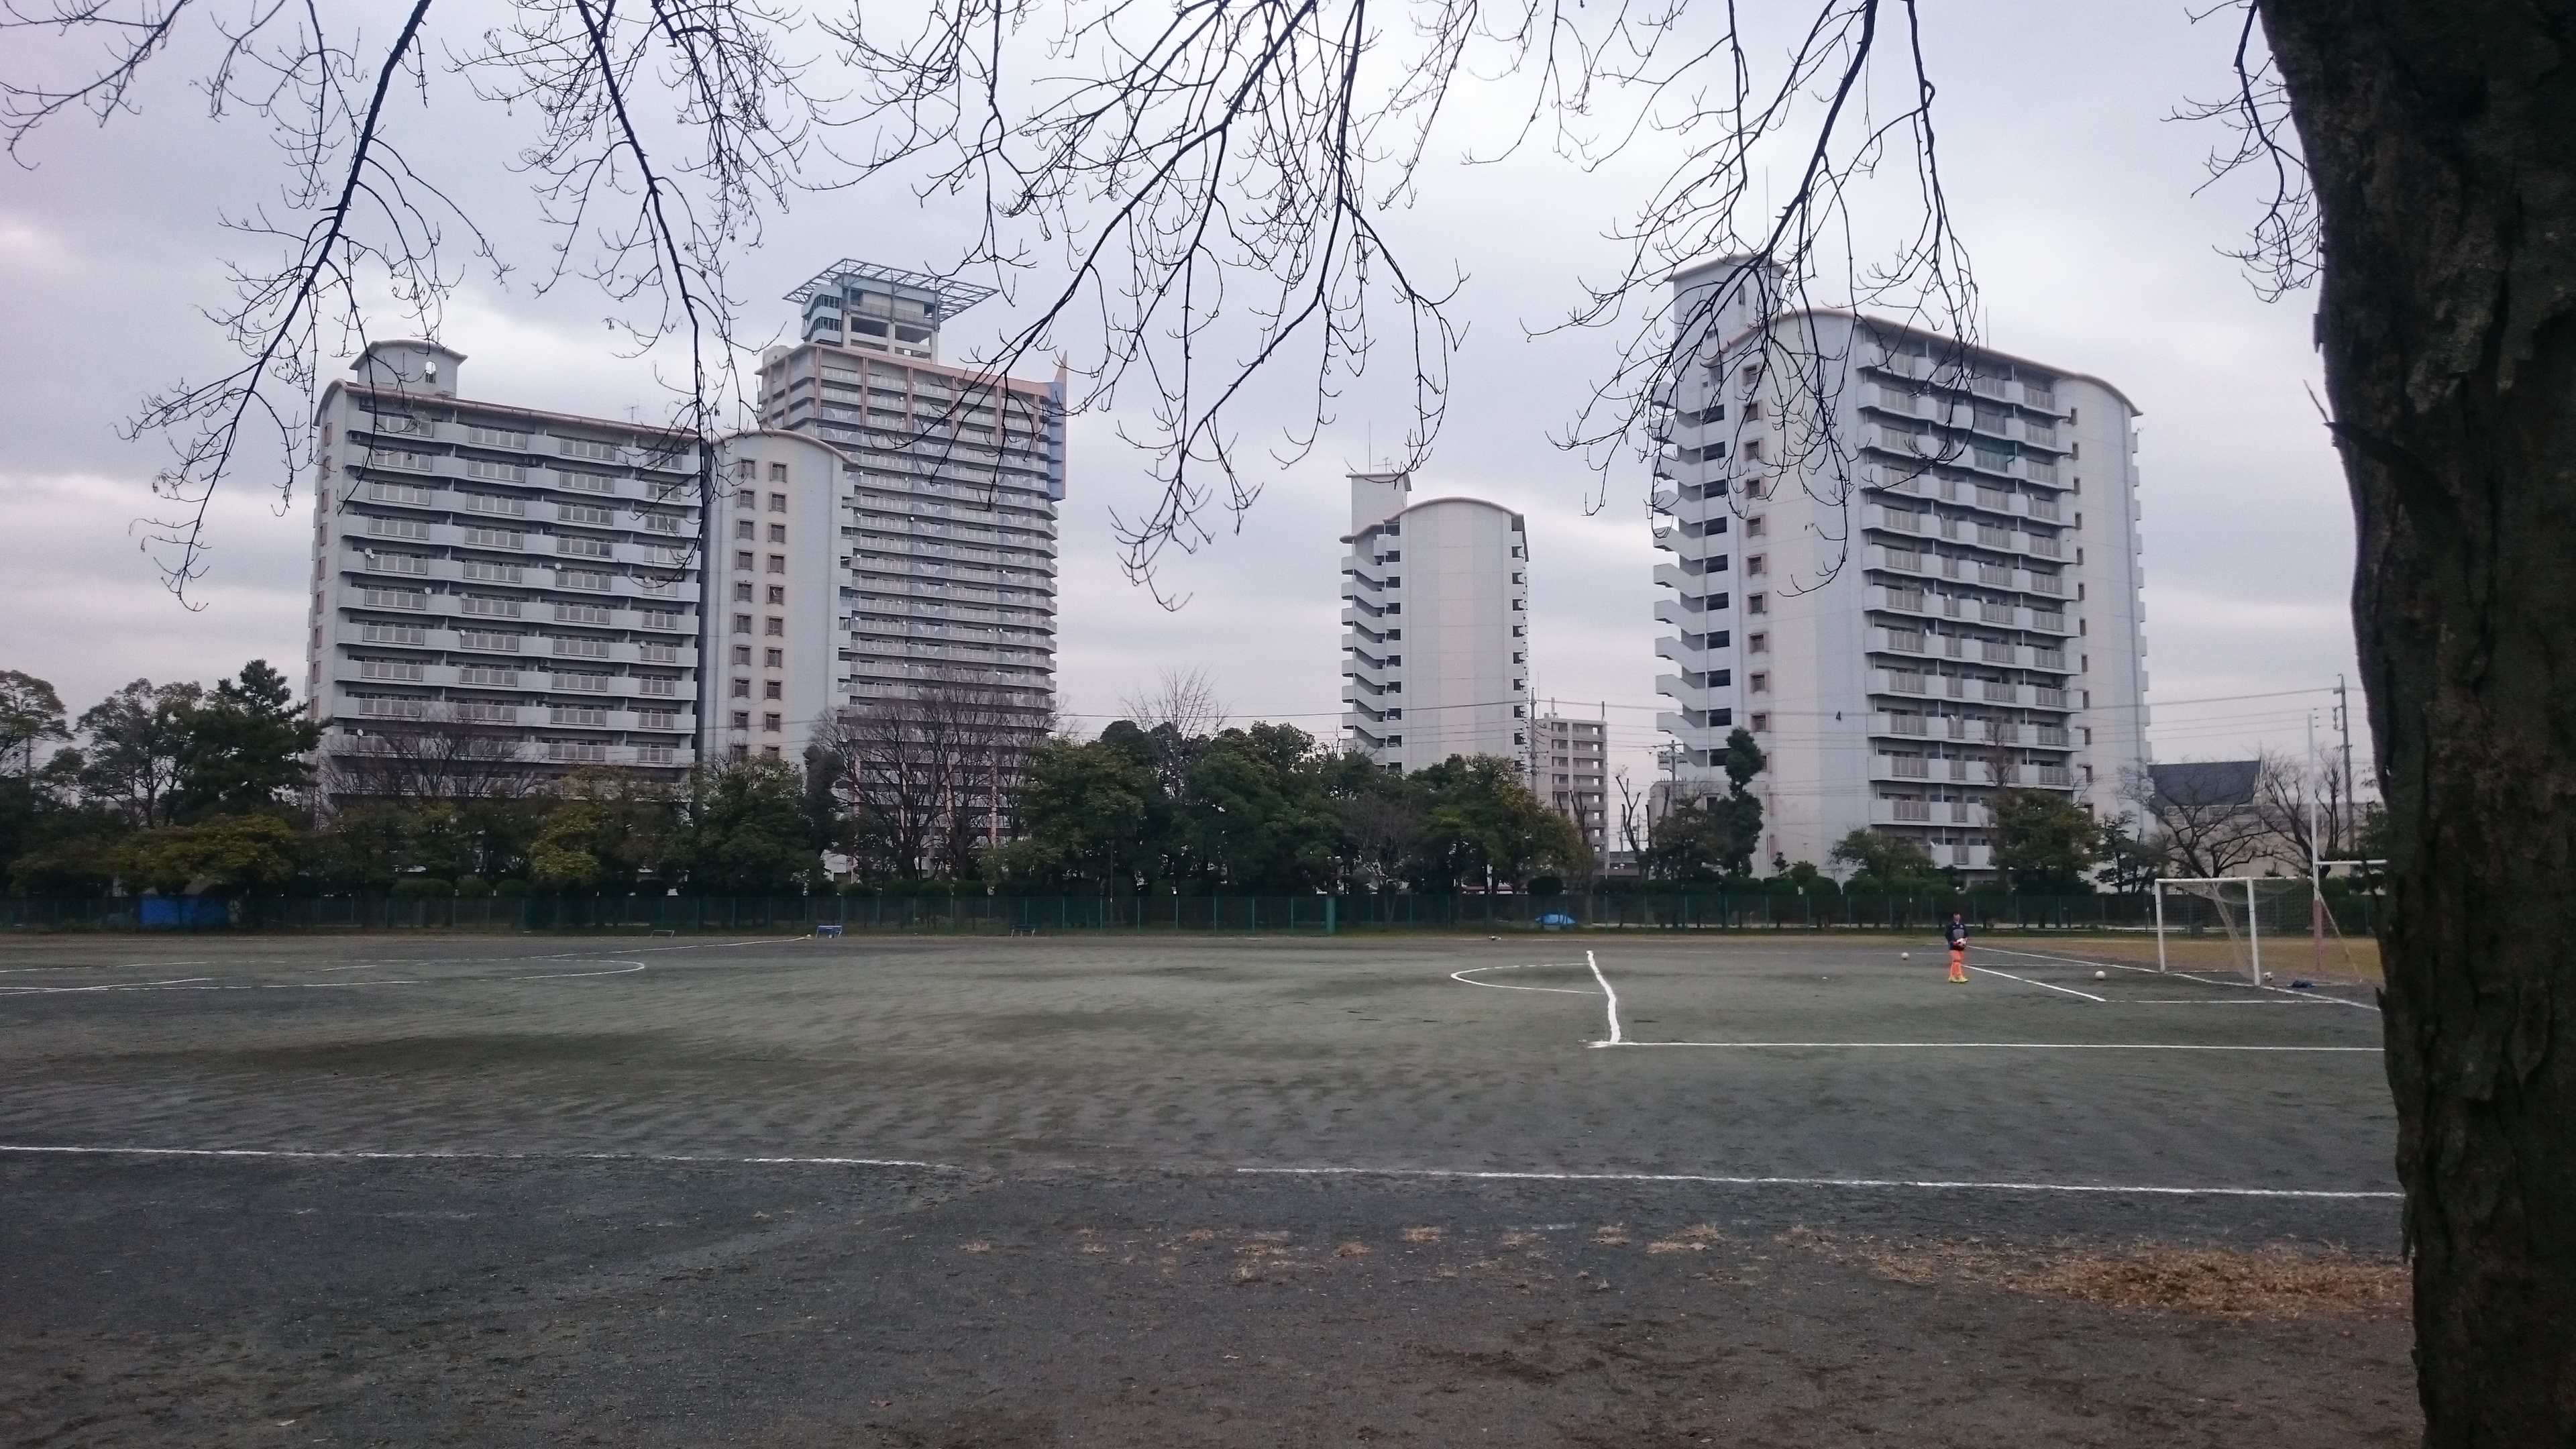 新横浜 公園 球技 場 アクセス